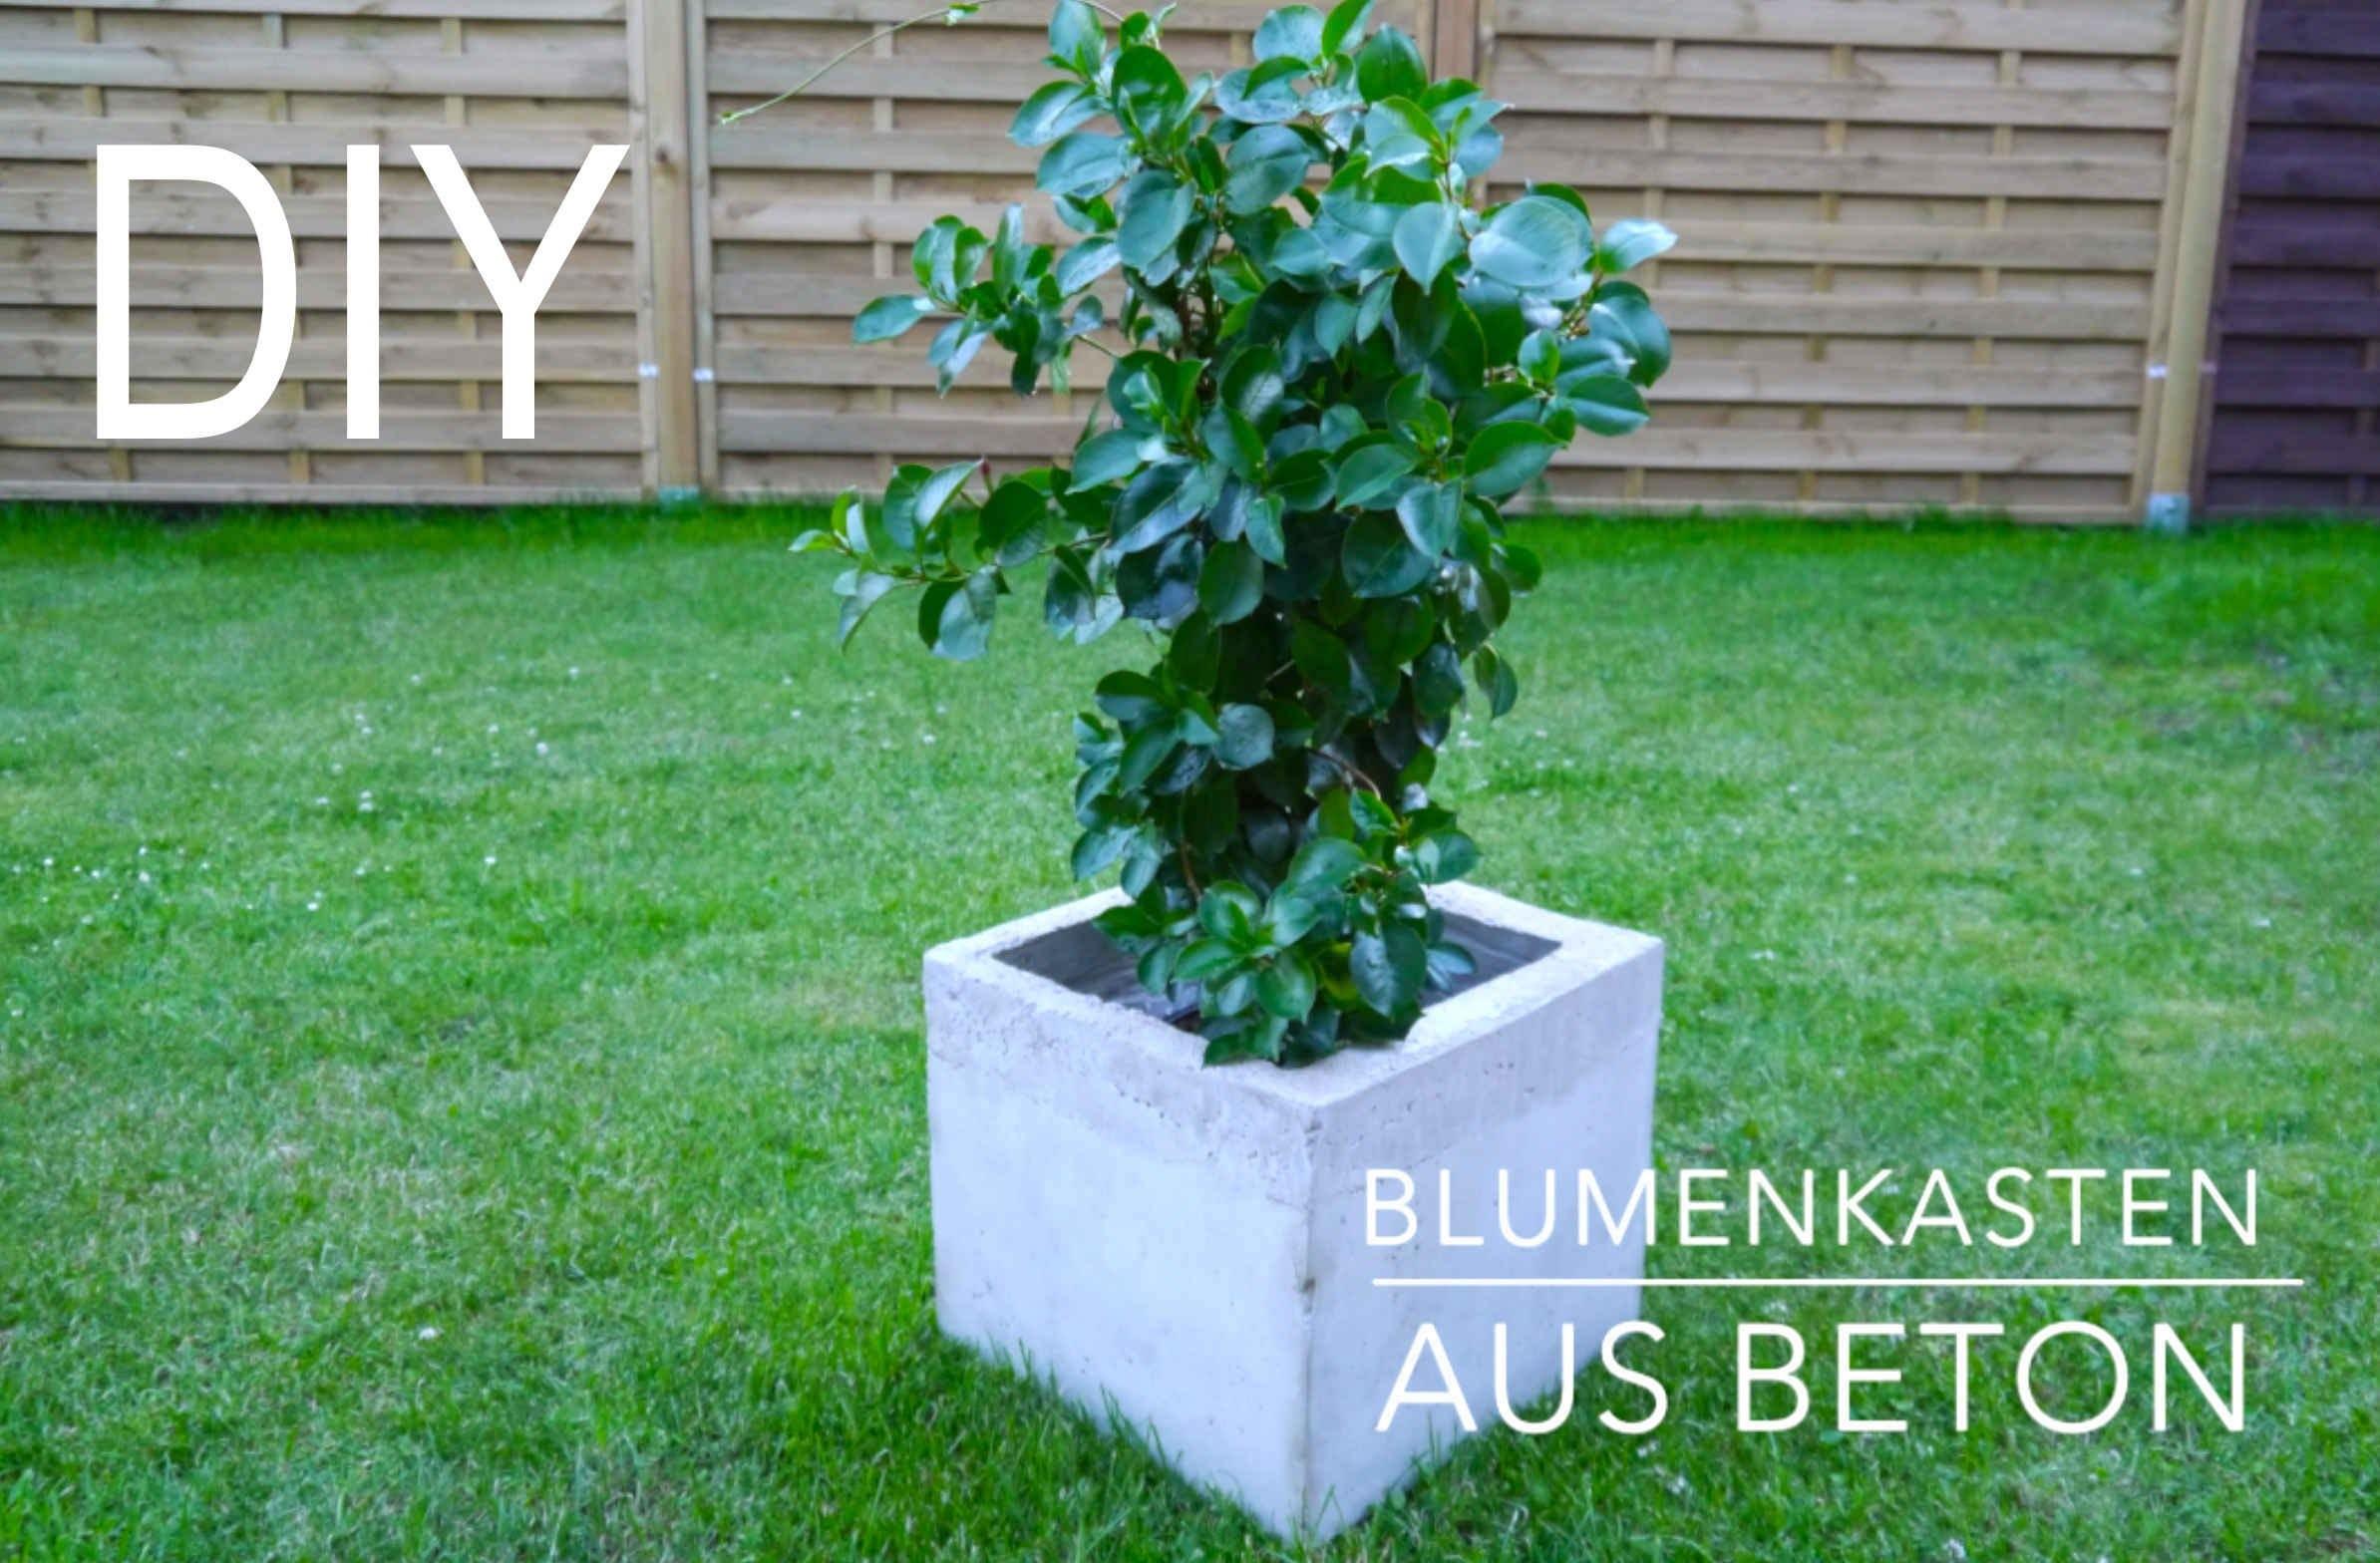 DIY Blumenkasten aus Beton Anleitung